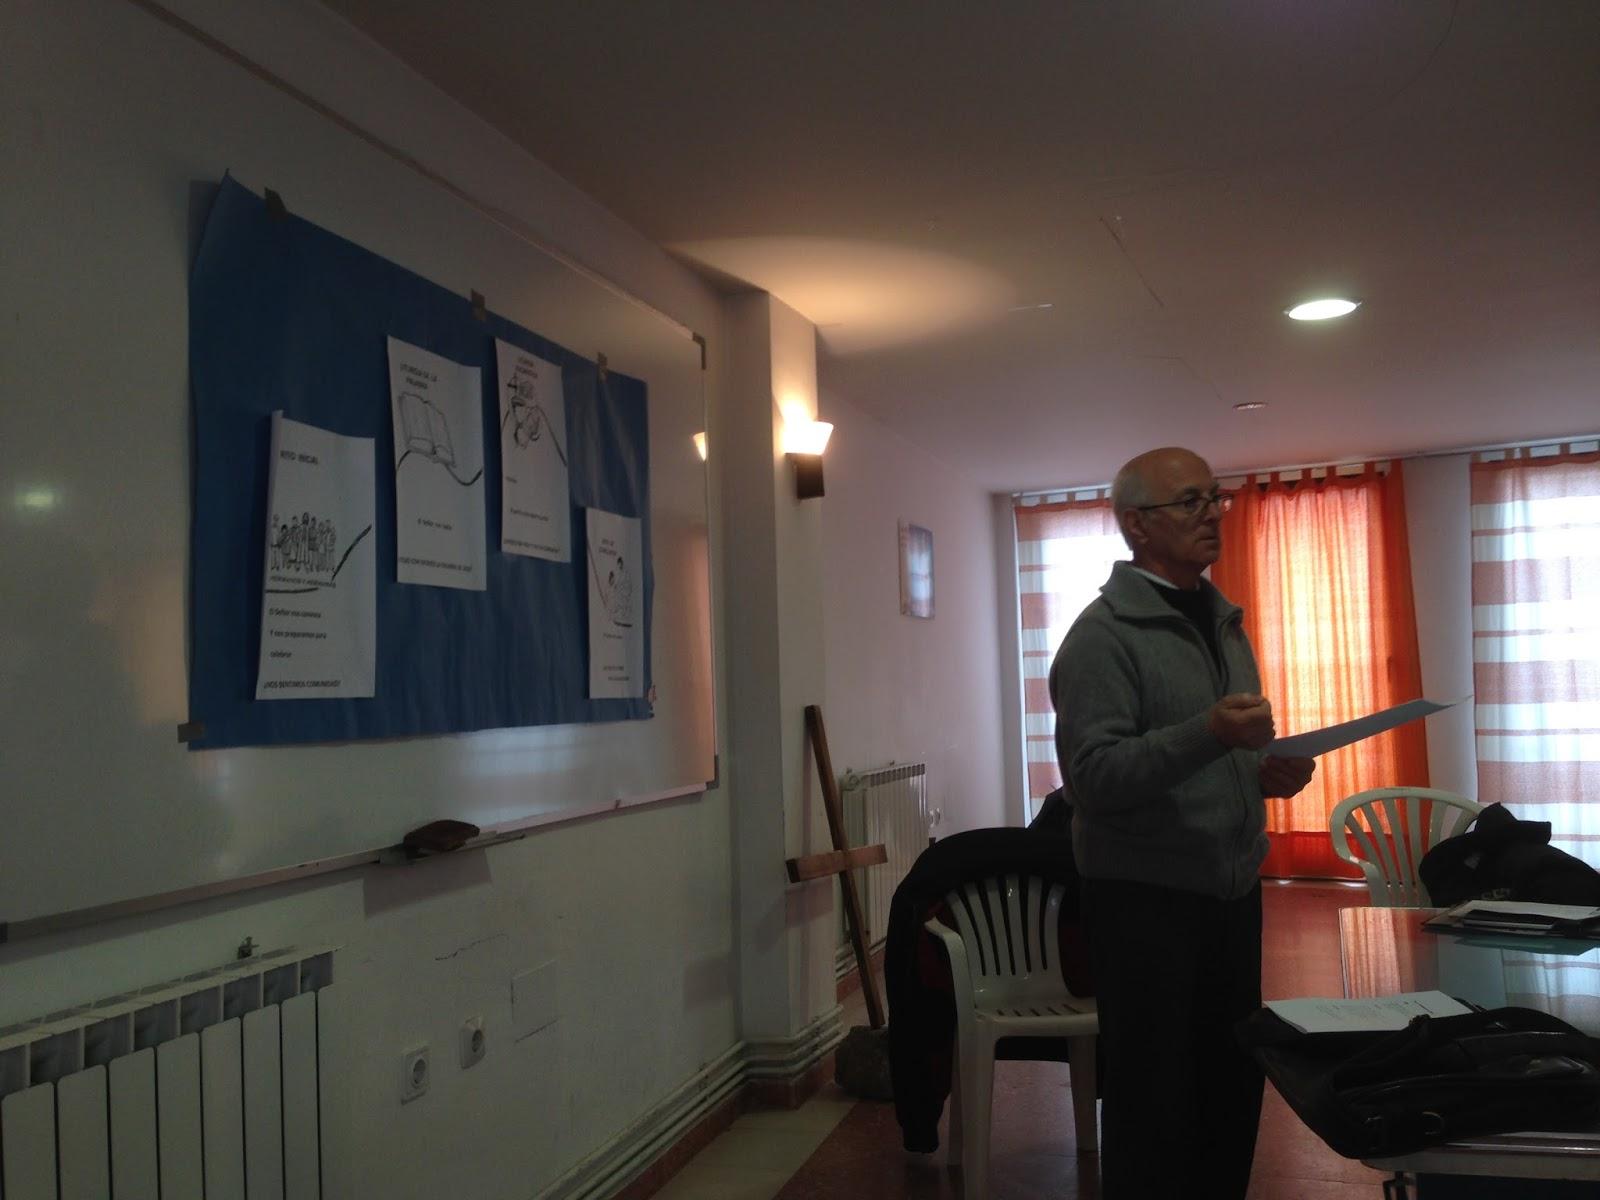 Delegaci n diocesana de catequesis de valladolid escuela - Spa en medina del campo ...